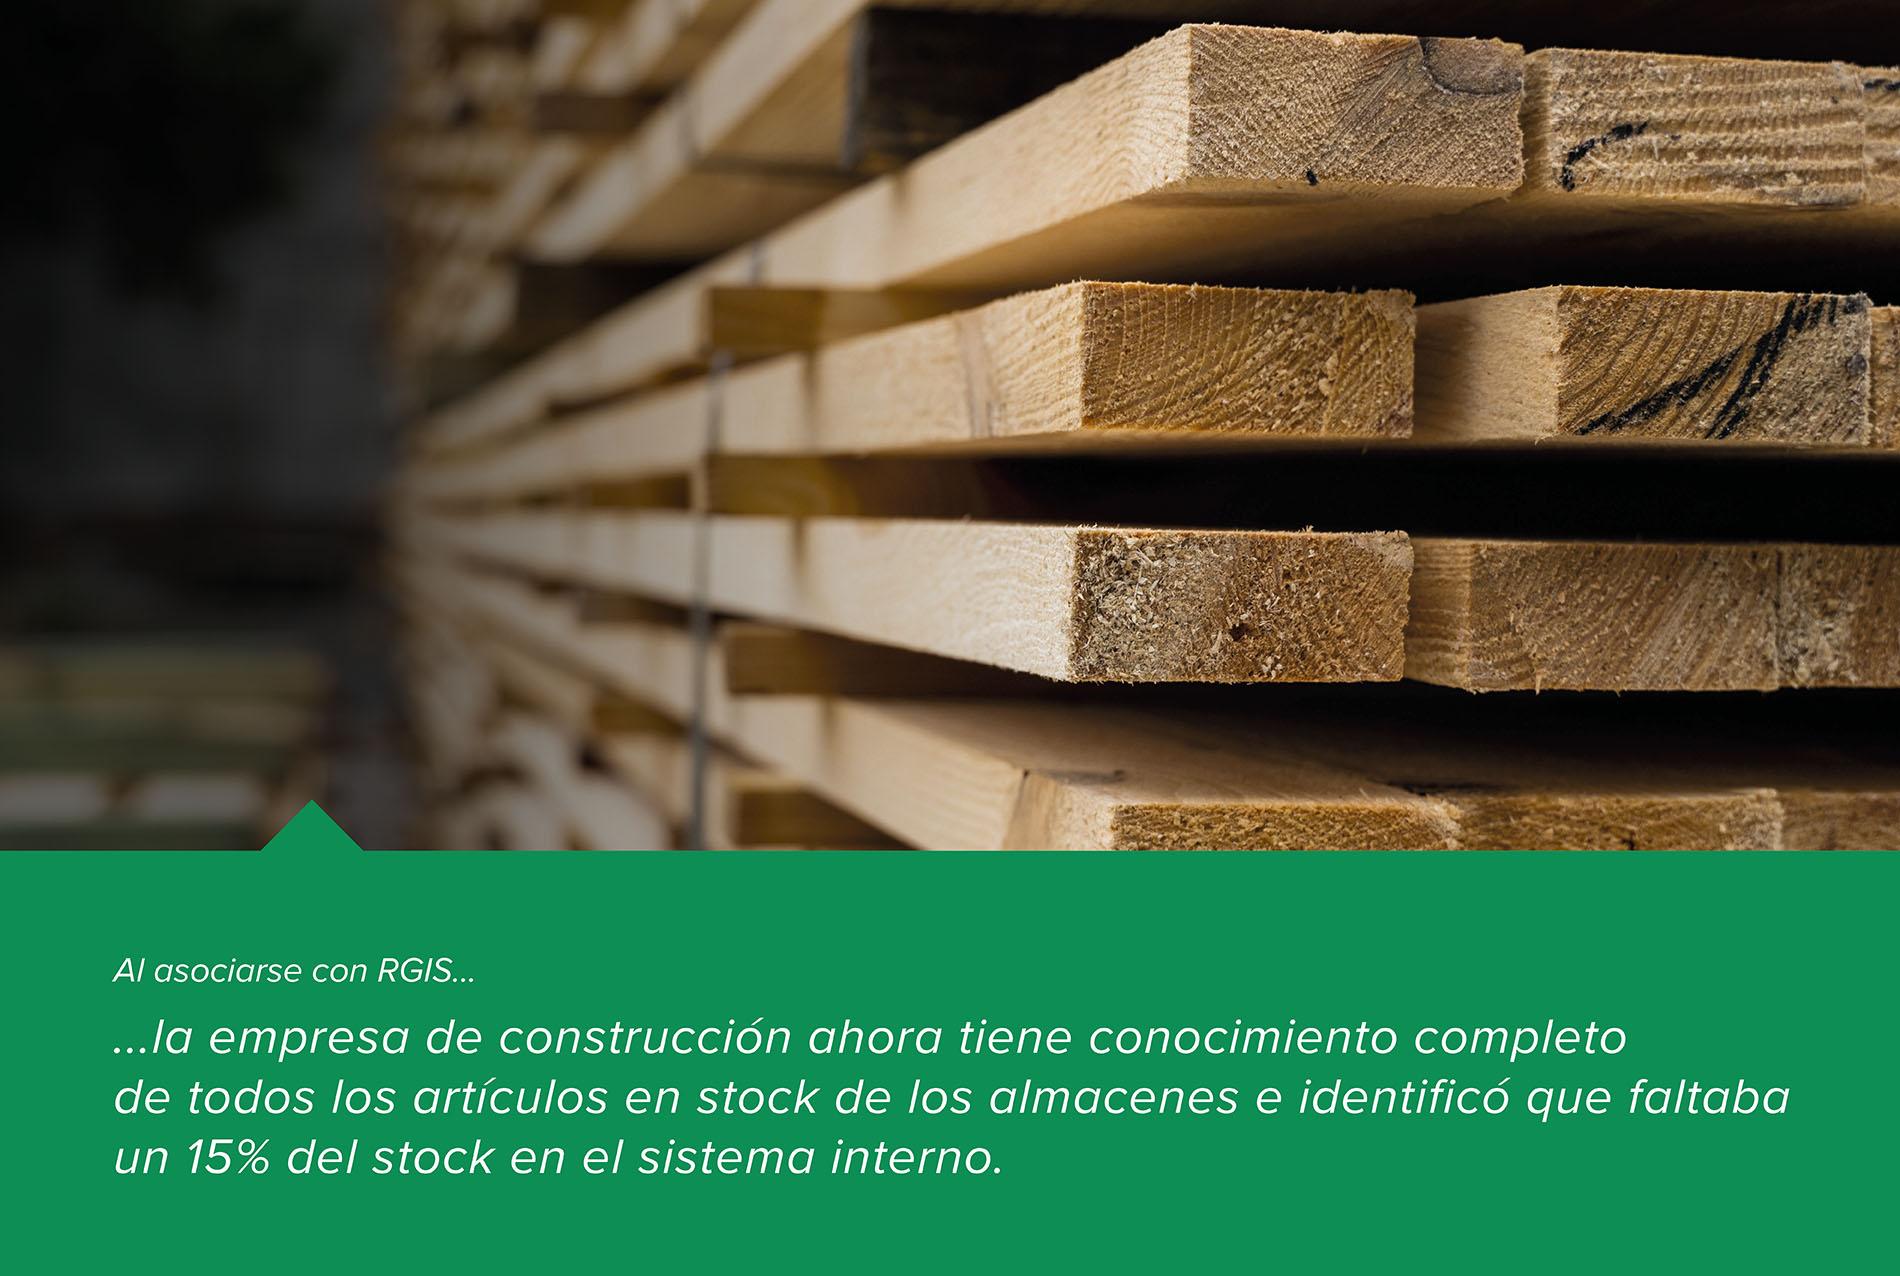 Inventario de almacén de una empresa de construcción